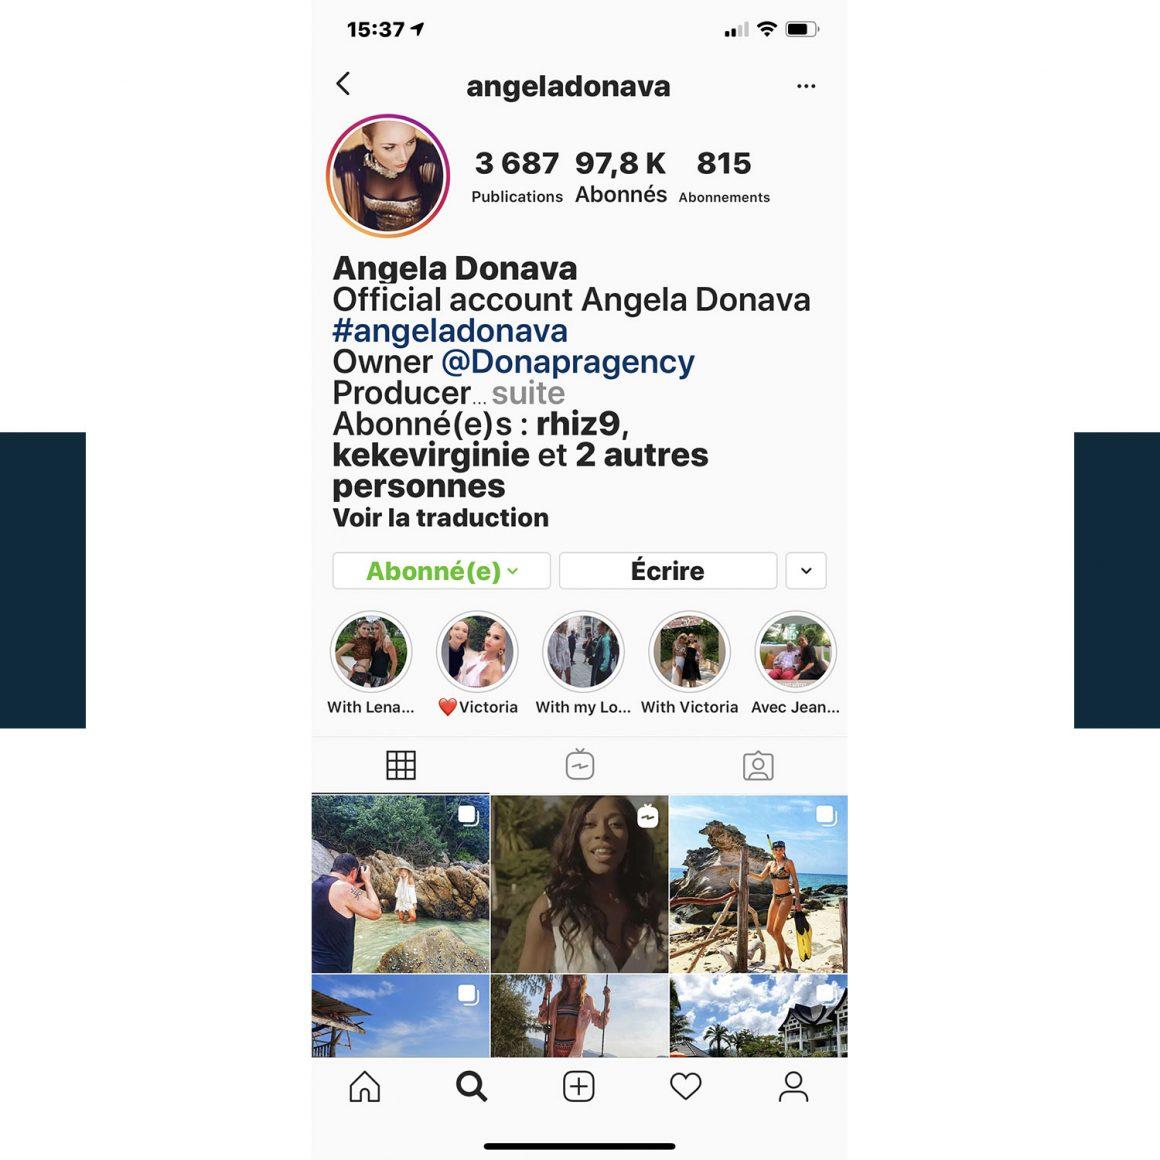 Capture d'écran du compte Instagram d'Angela Donava